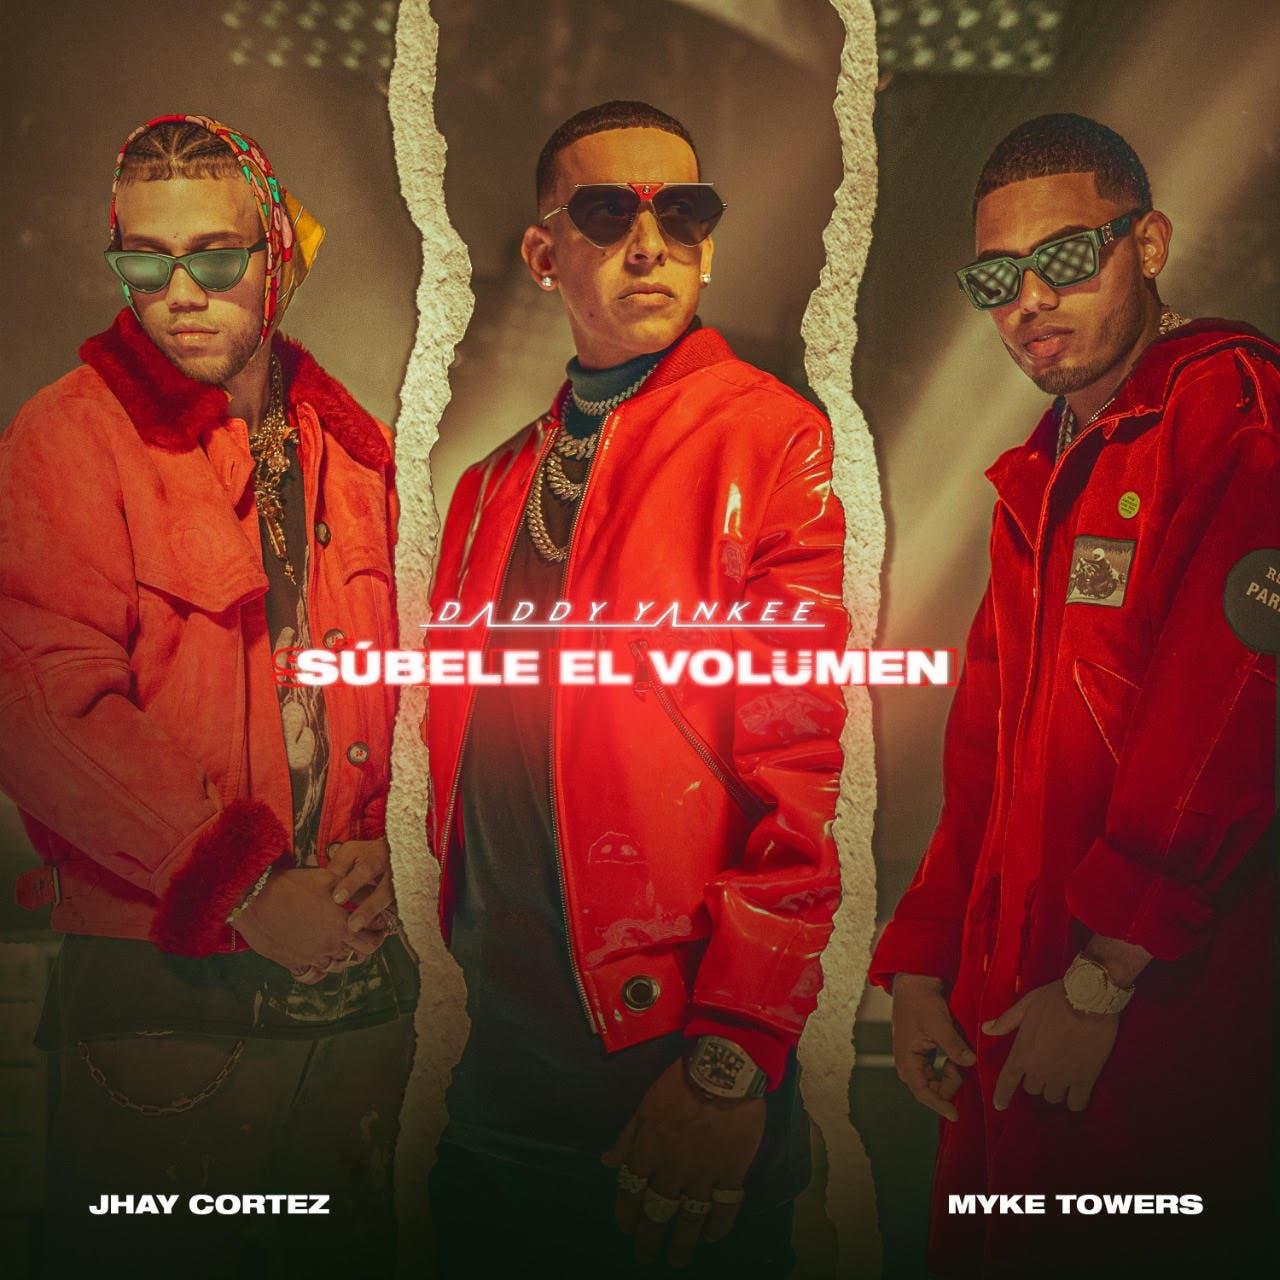 Daddy Yankee, Myke Towers y Jhay Cortez suben el volumen al reggaetón